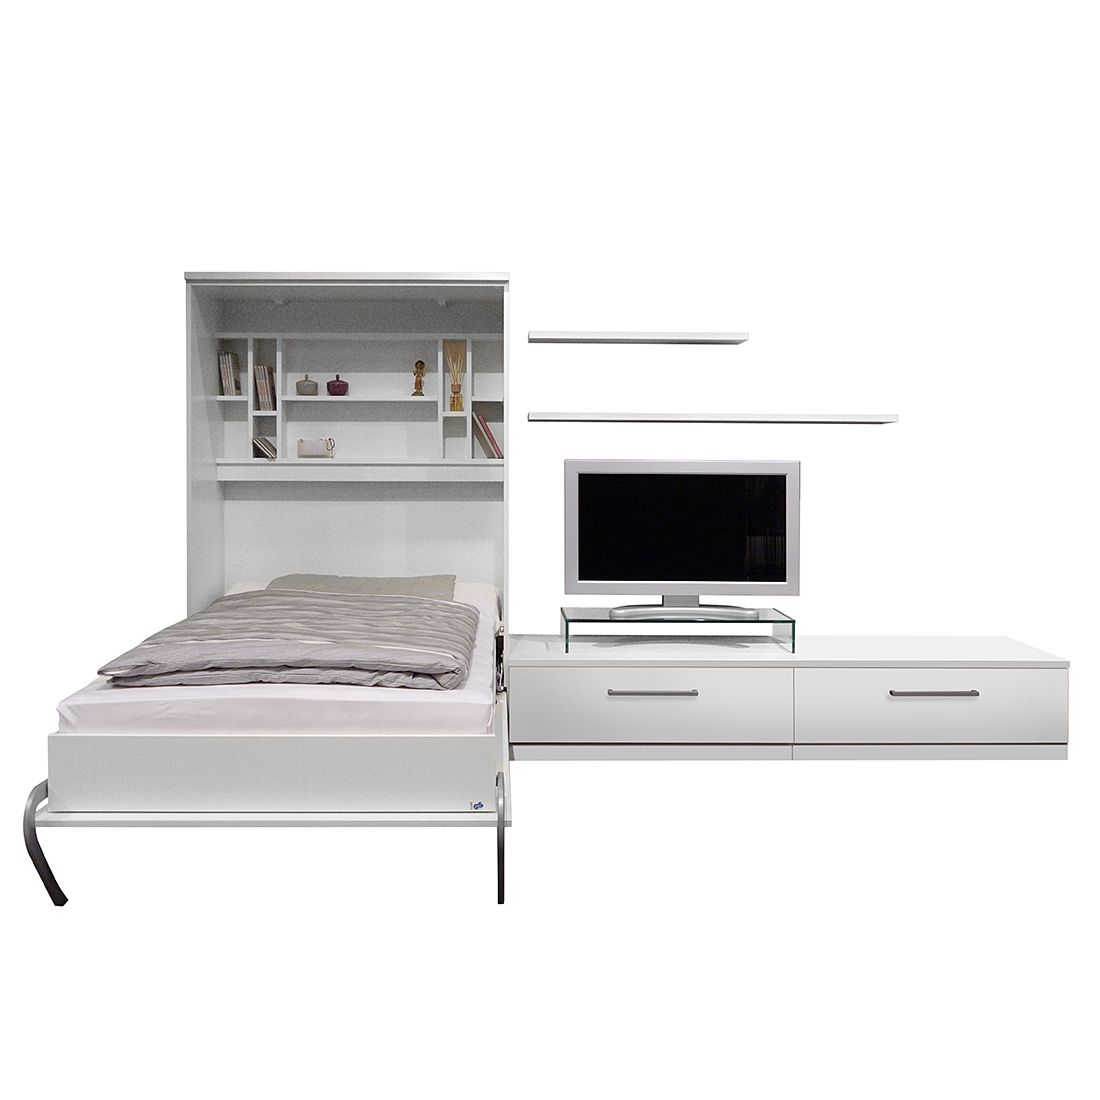 schrankbett kombination majano 86 x 205cm schaumstoffmatratze wei modoform g nstig. Black Bedroom Furniture Sets. Home Design Ideas